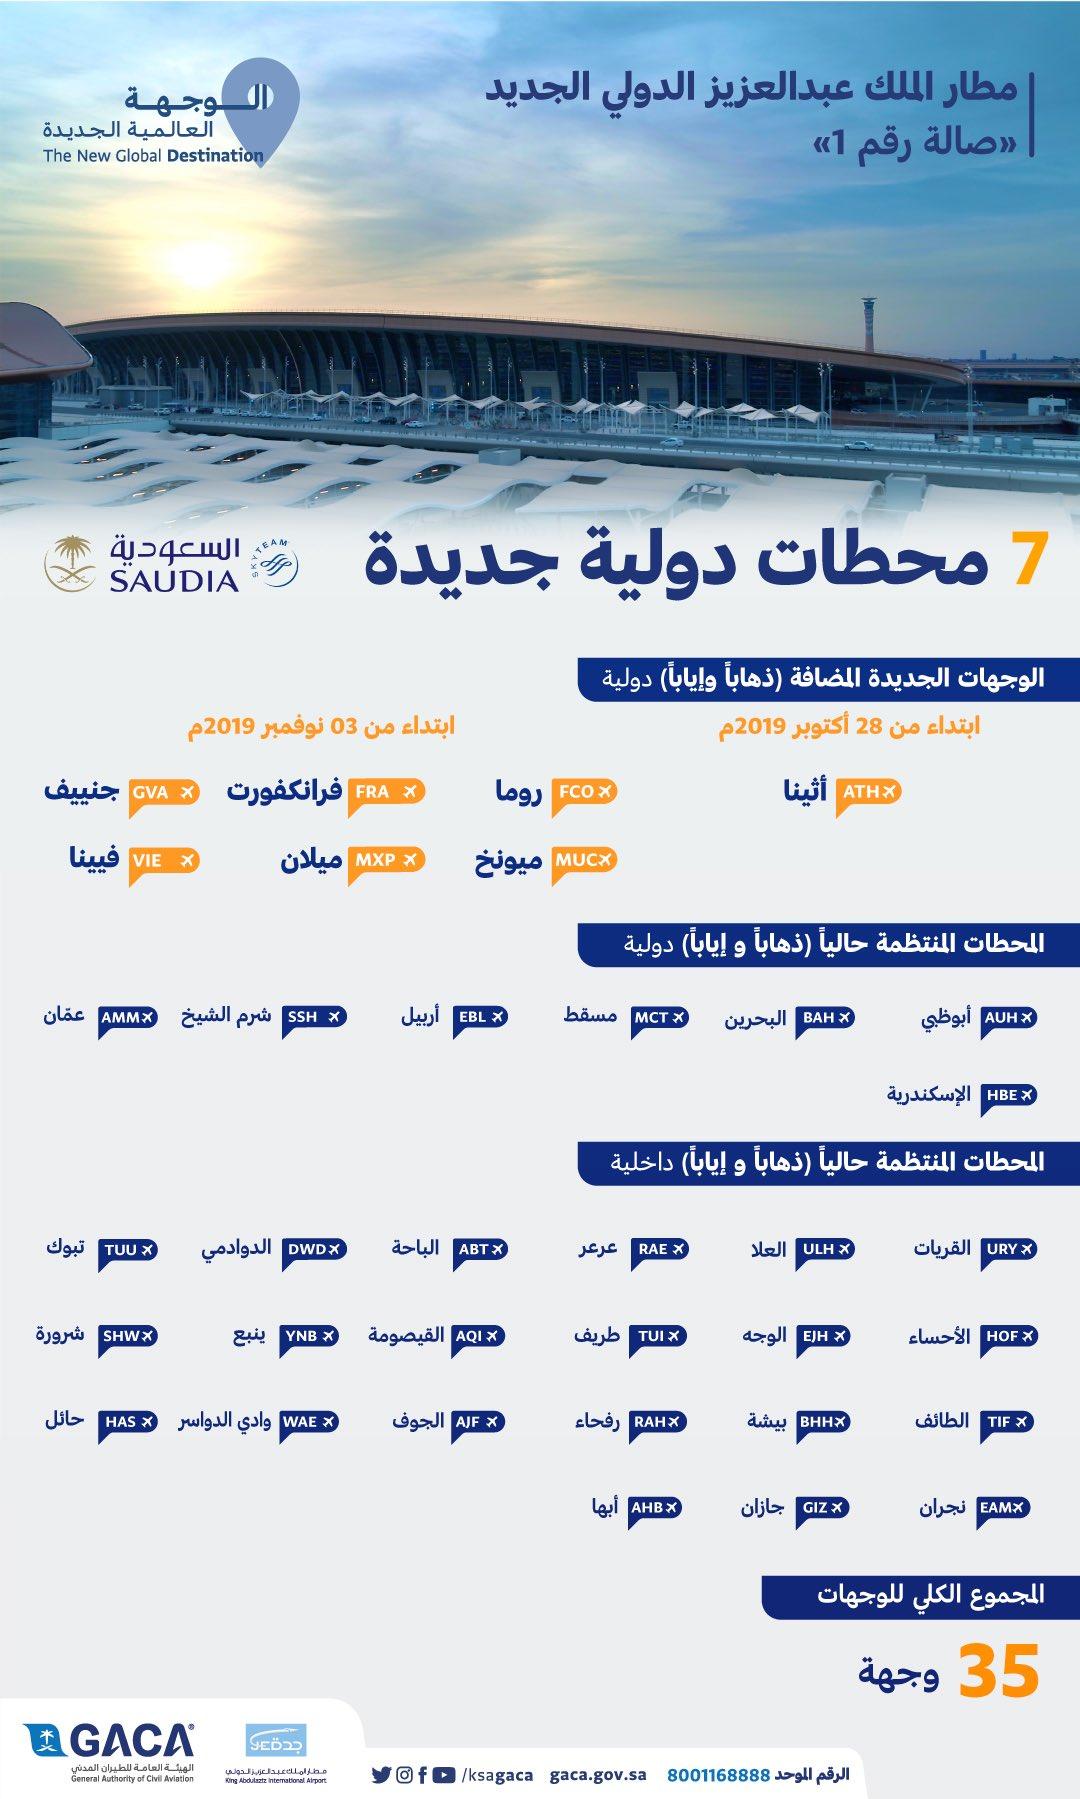 مطار الملك عبدالعزيز يبدأ تشغيل رحلات جديدة لـ7 مطارات أوروبية معلومات مباشر